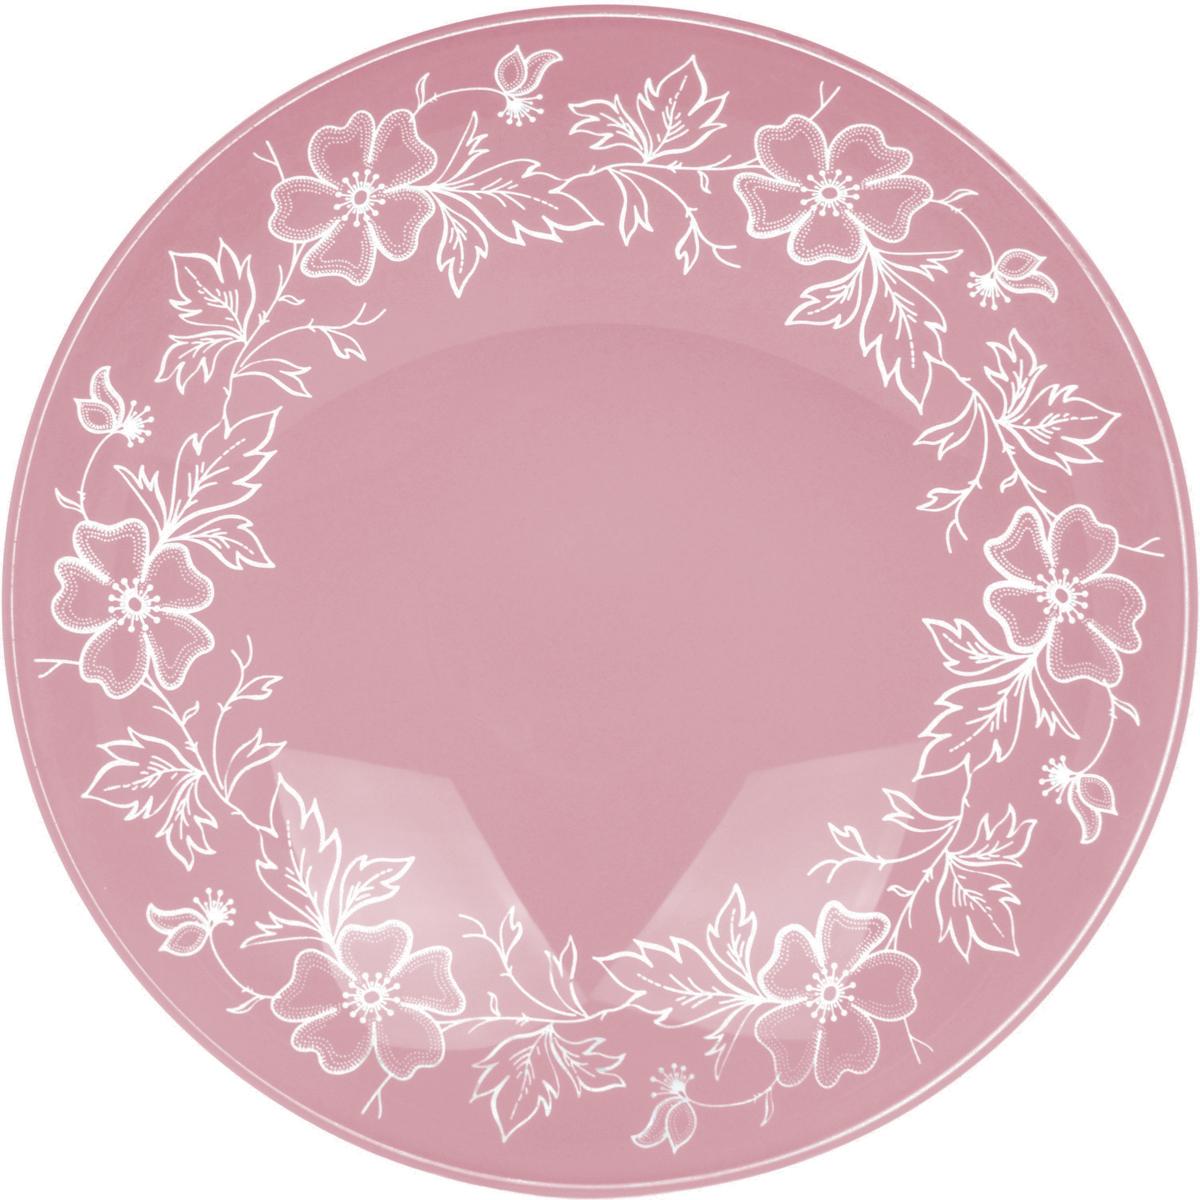 Тарелка Nina Glass Лара, цвет: розовый, диаметр 20 смNG85-200-075RСтеклянная посуда Никольского завода светотехнического стекла, известная под торговой маркой NinaGlass, успешно продается в российских магазинах. Продукция выглядит презентабельно, ассортимент весьма широк. Яркие, емкие, приятные тактильно салатники будут шикарно смотреться на обеденном столе. Салатники и блюда предназначены для сервировки стола. Пригодны для ежедневного использования.Цветные салатники и тарелки NinaGlass нельзя использовать в СВЧ и мыть в ПММ.